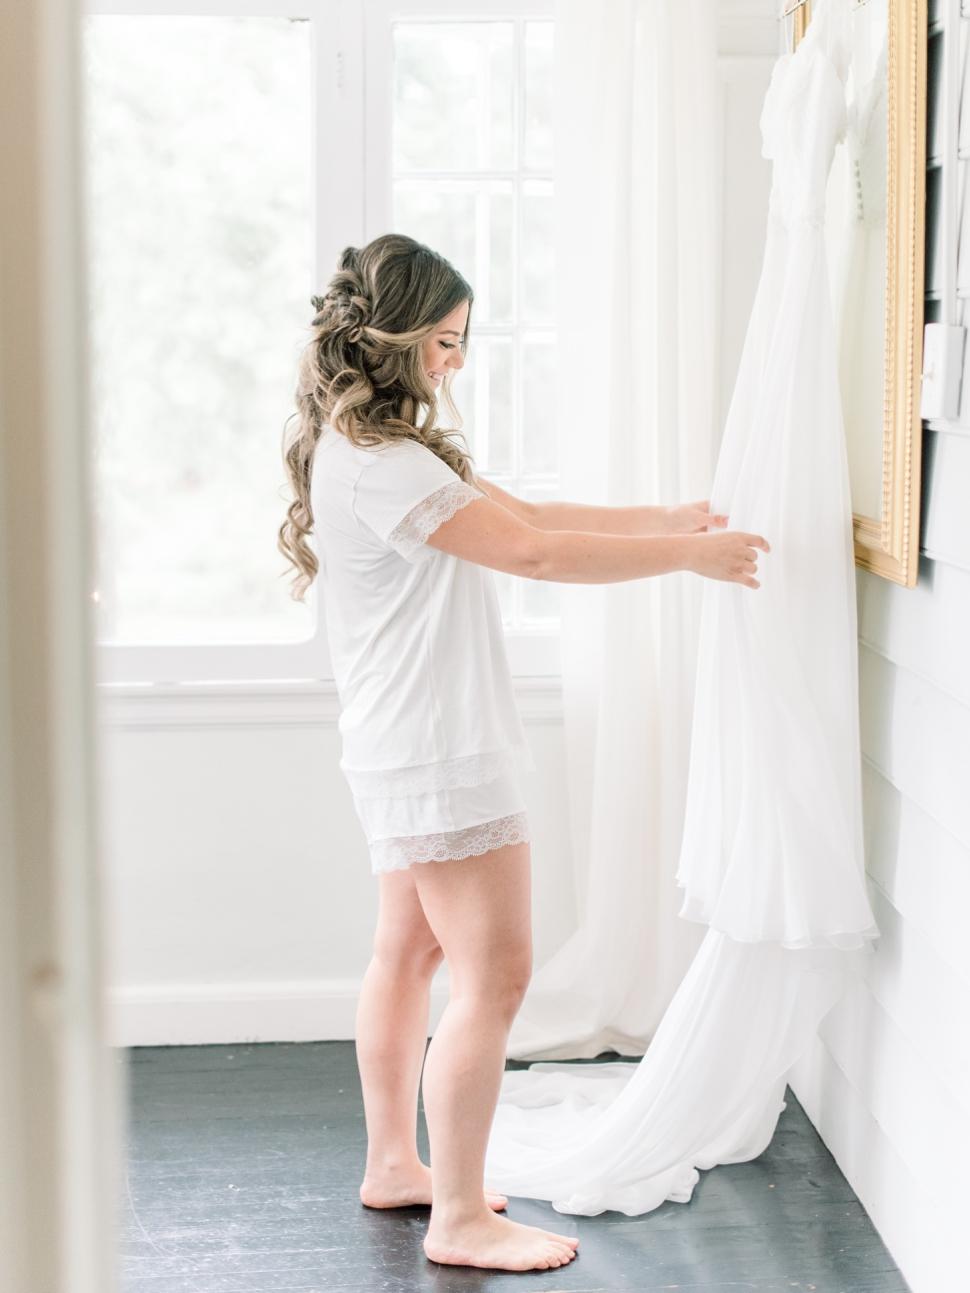 New-Jersey-Wedding-Photographer-Cassi-Claire-Inn-at-Fernbrook-Farms-Wedding_04.jpg